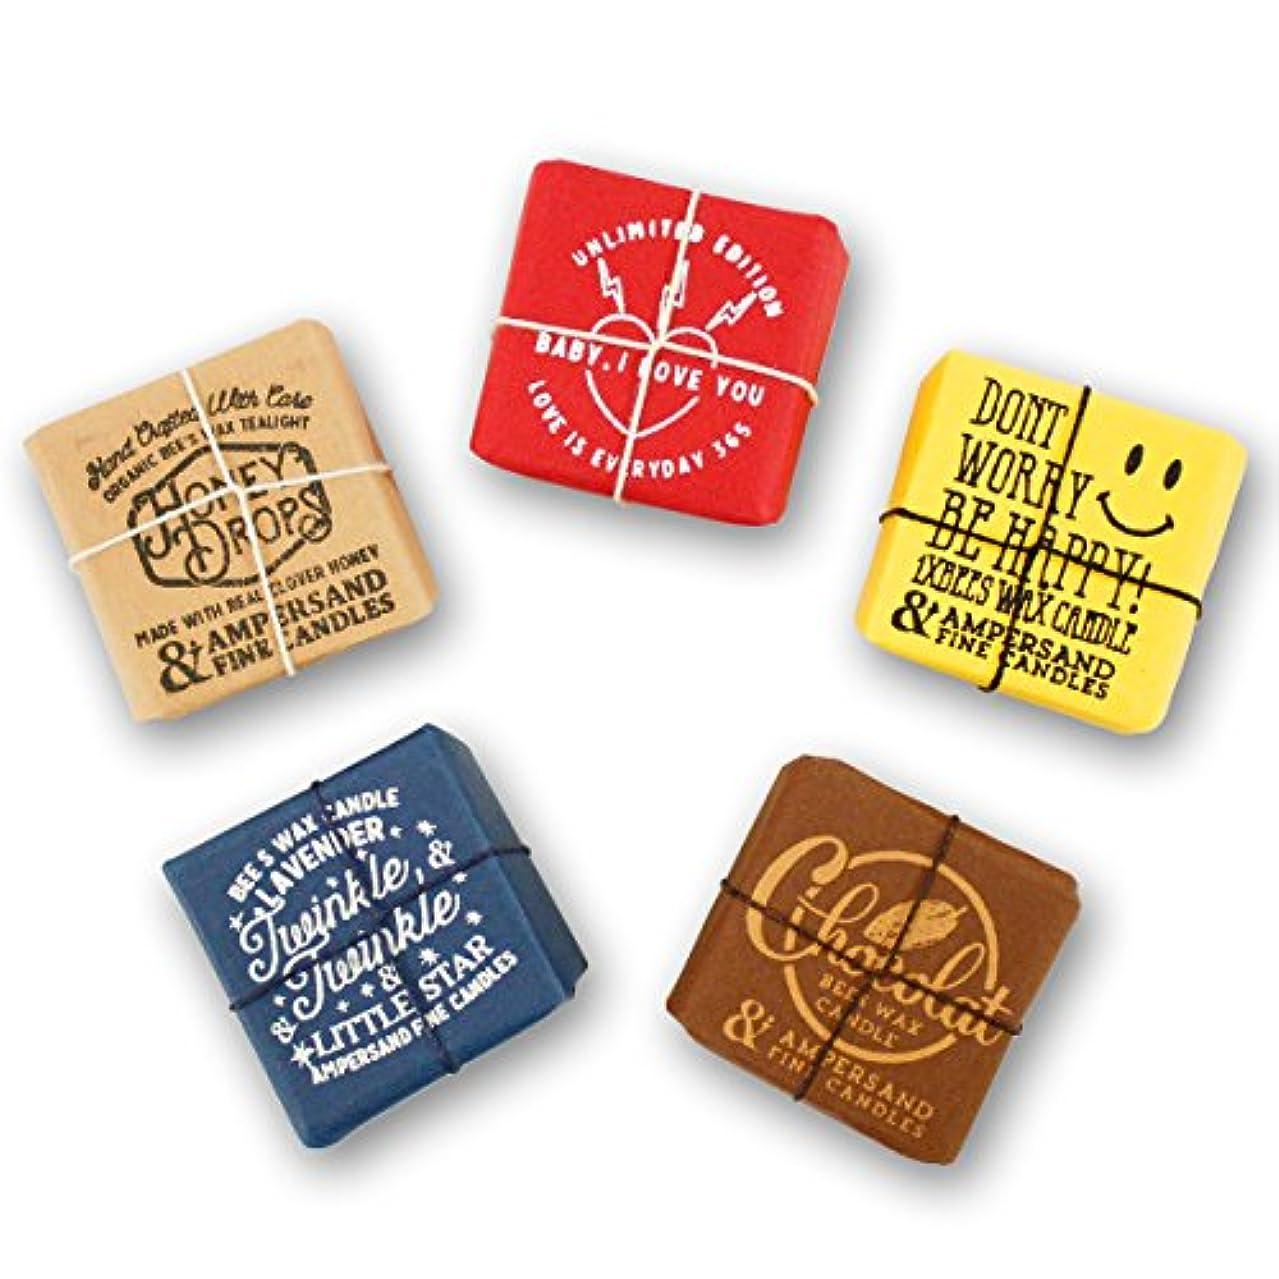 憂慮すべきポインタ簡単にAmpersand Fine Candles(アンパサンド ファイン キャンドル)キャンドル ルームフレグランス ASingle Bees [ 5type ] アロマ ギフト オーガニック OS,Chocolate